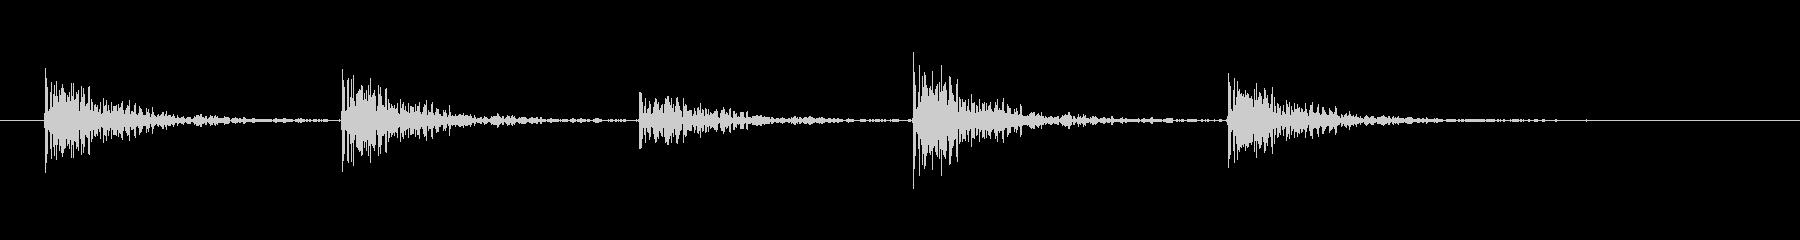 ウィンドウをノックする(5ノック)の未再生の波形